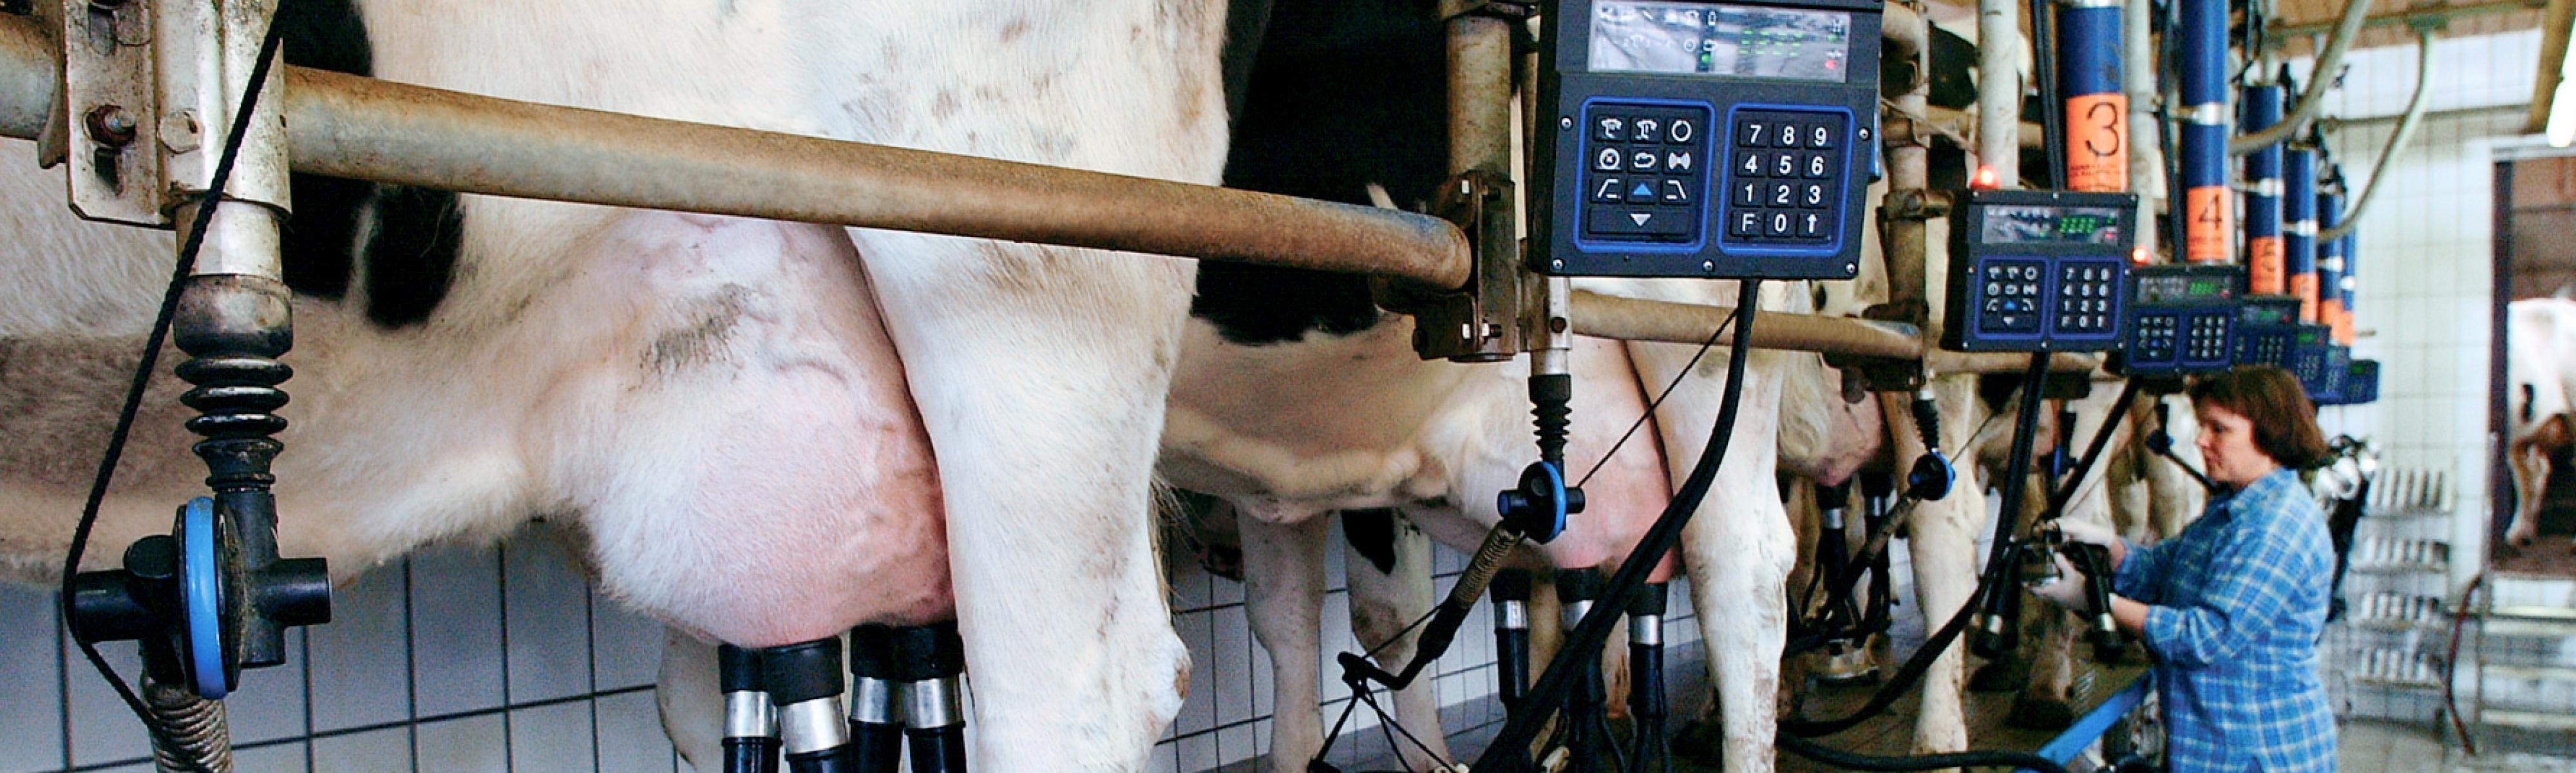 Koeien melken melkmachine